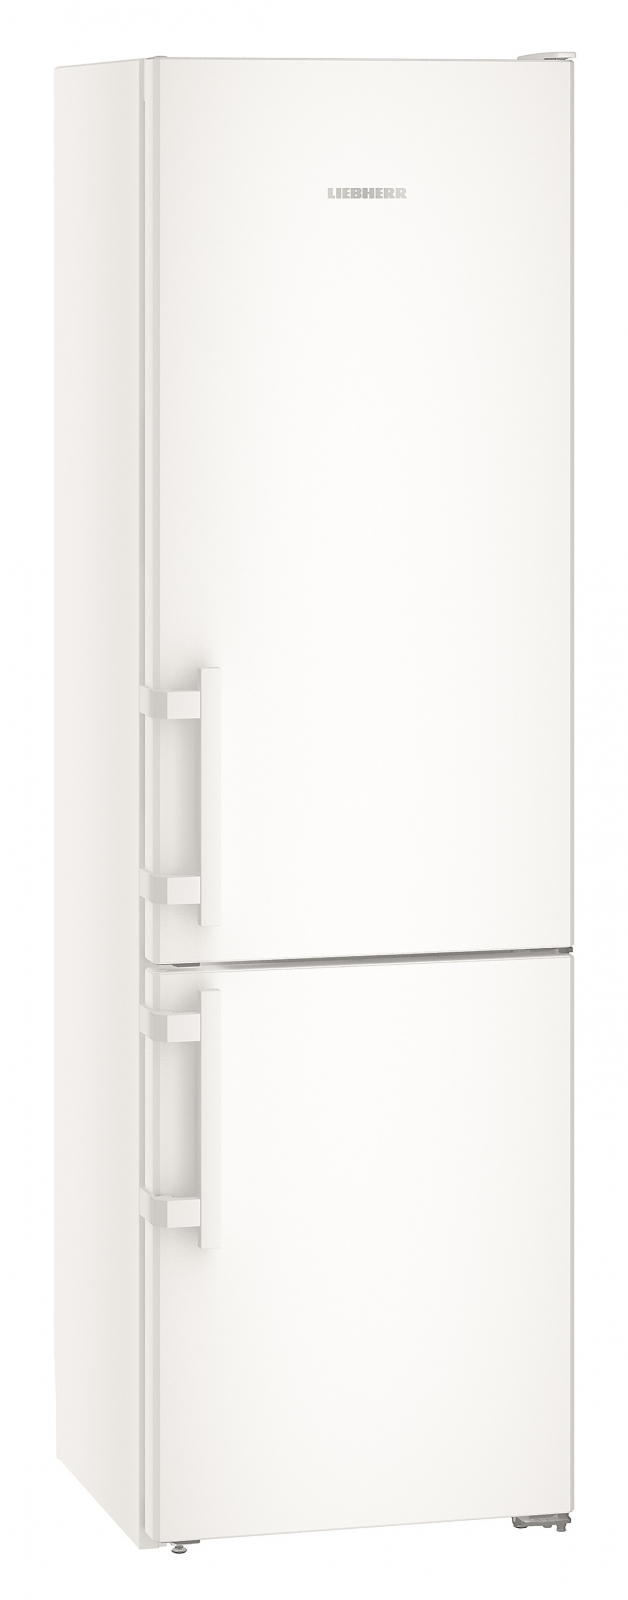 купить Двухкамерный холодильник Liebherr CN 4005 Украина фото 1